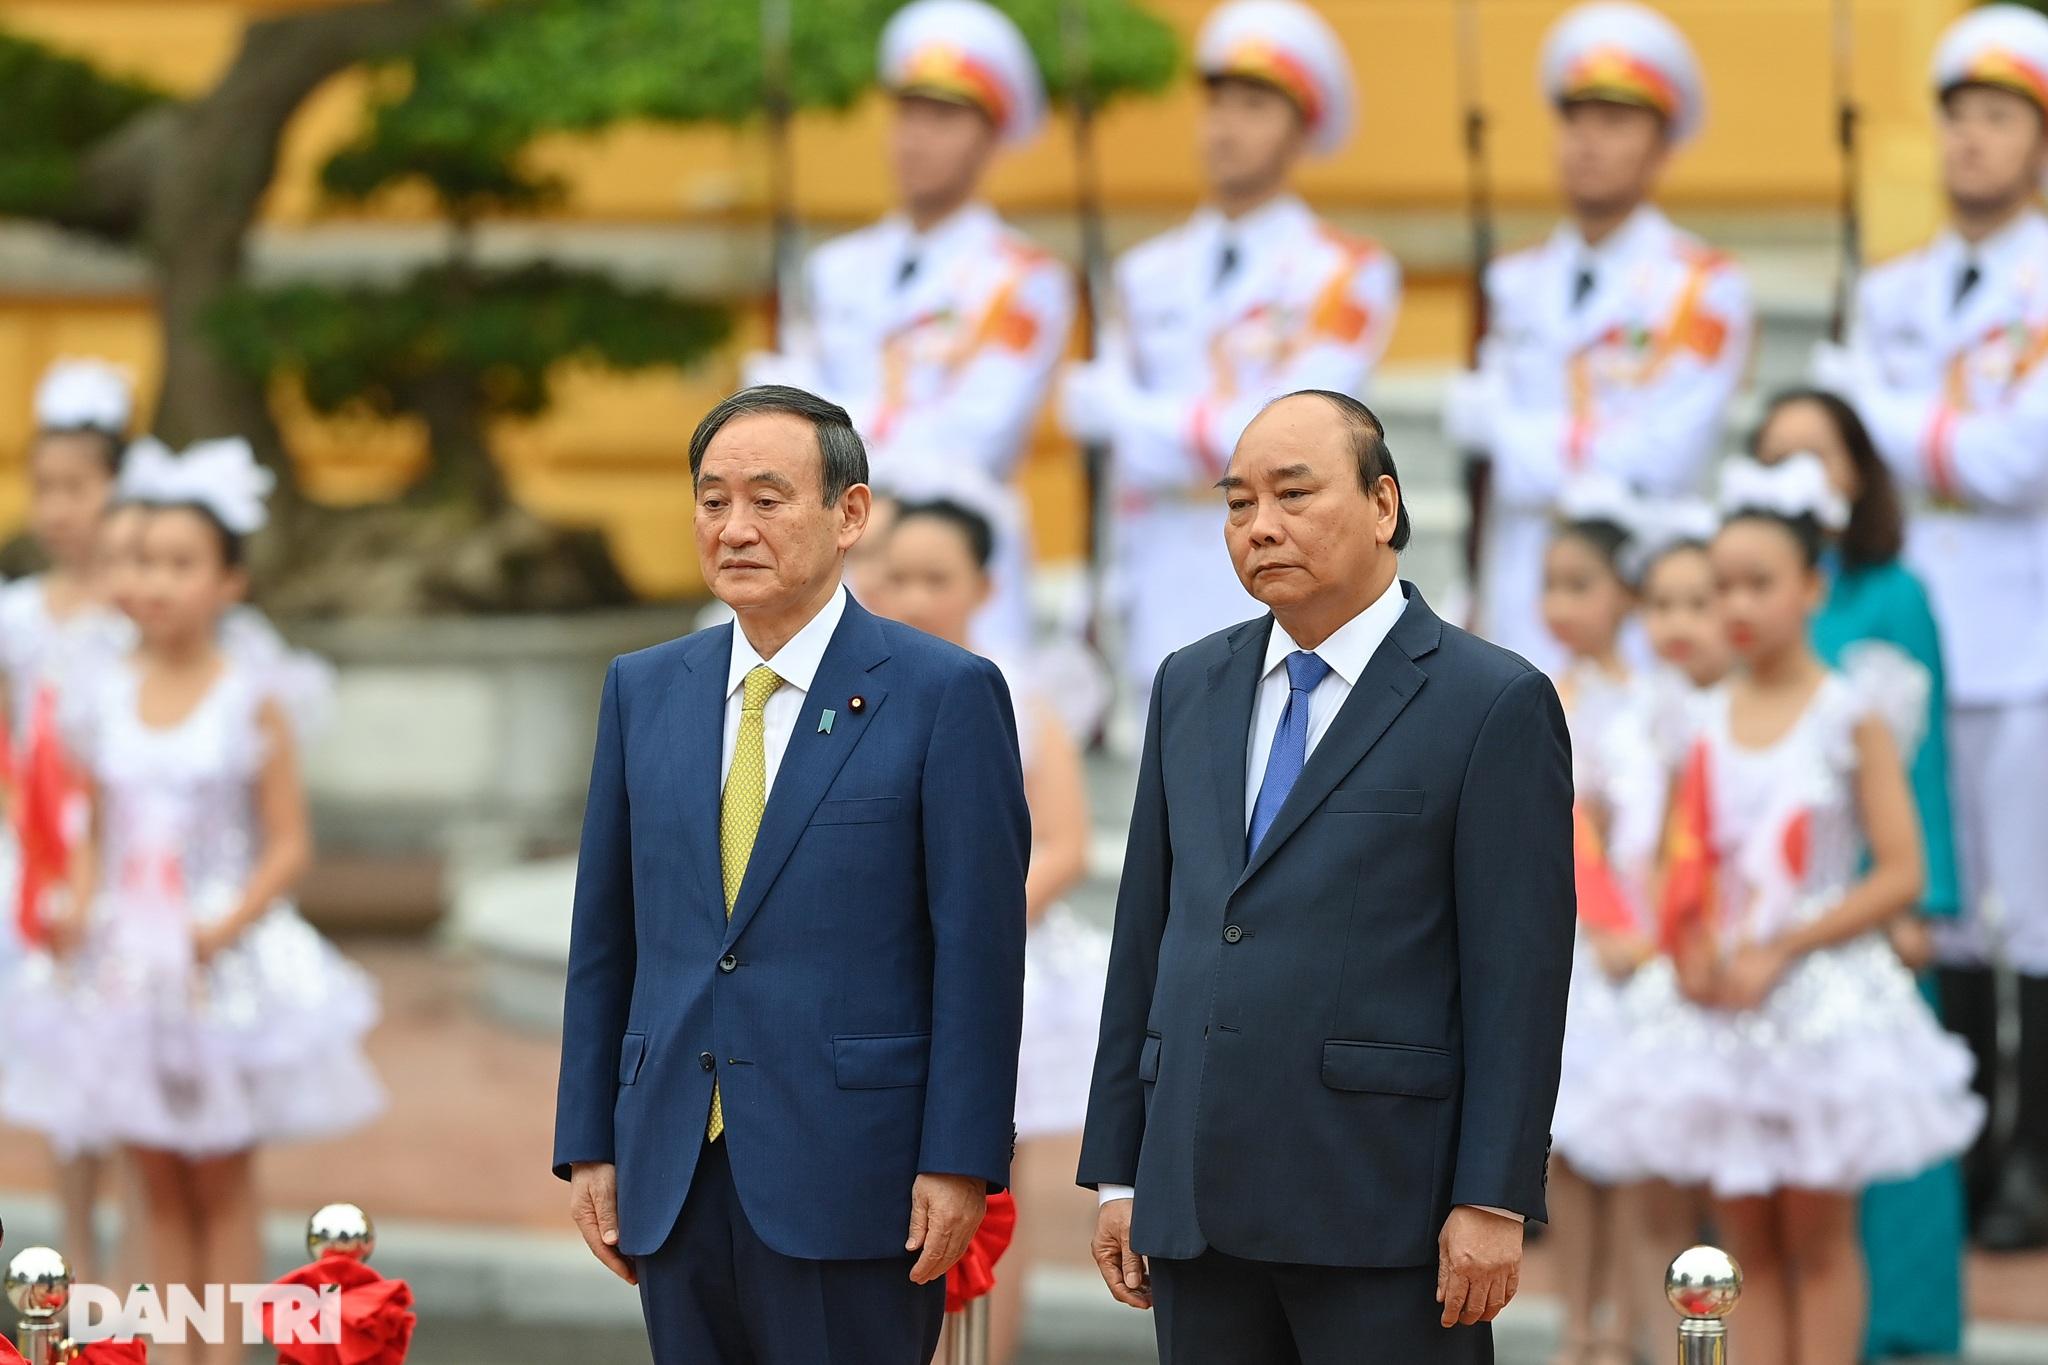 Lễ đón chính thức Thủ tướng Nhật Bản Suga Yoshihide và phu nhân tại Hà Nội - 2